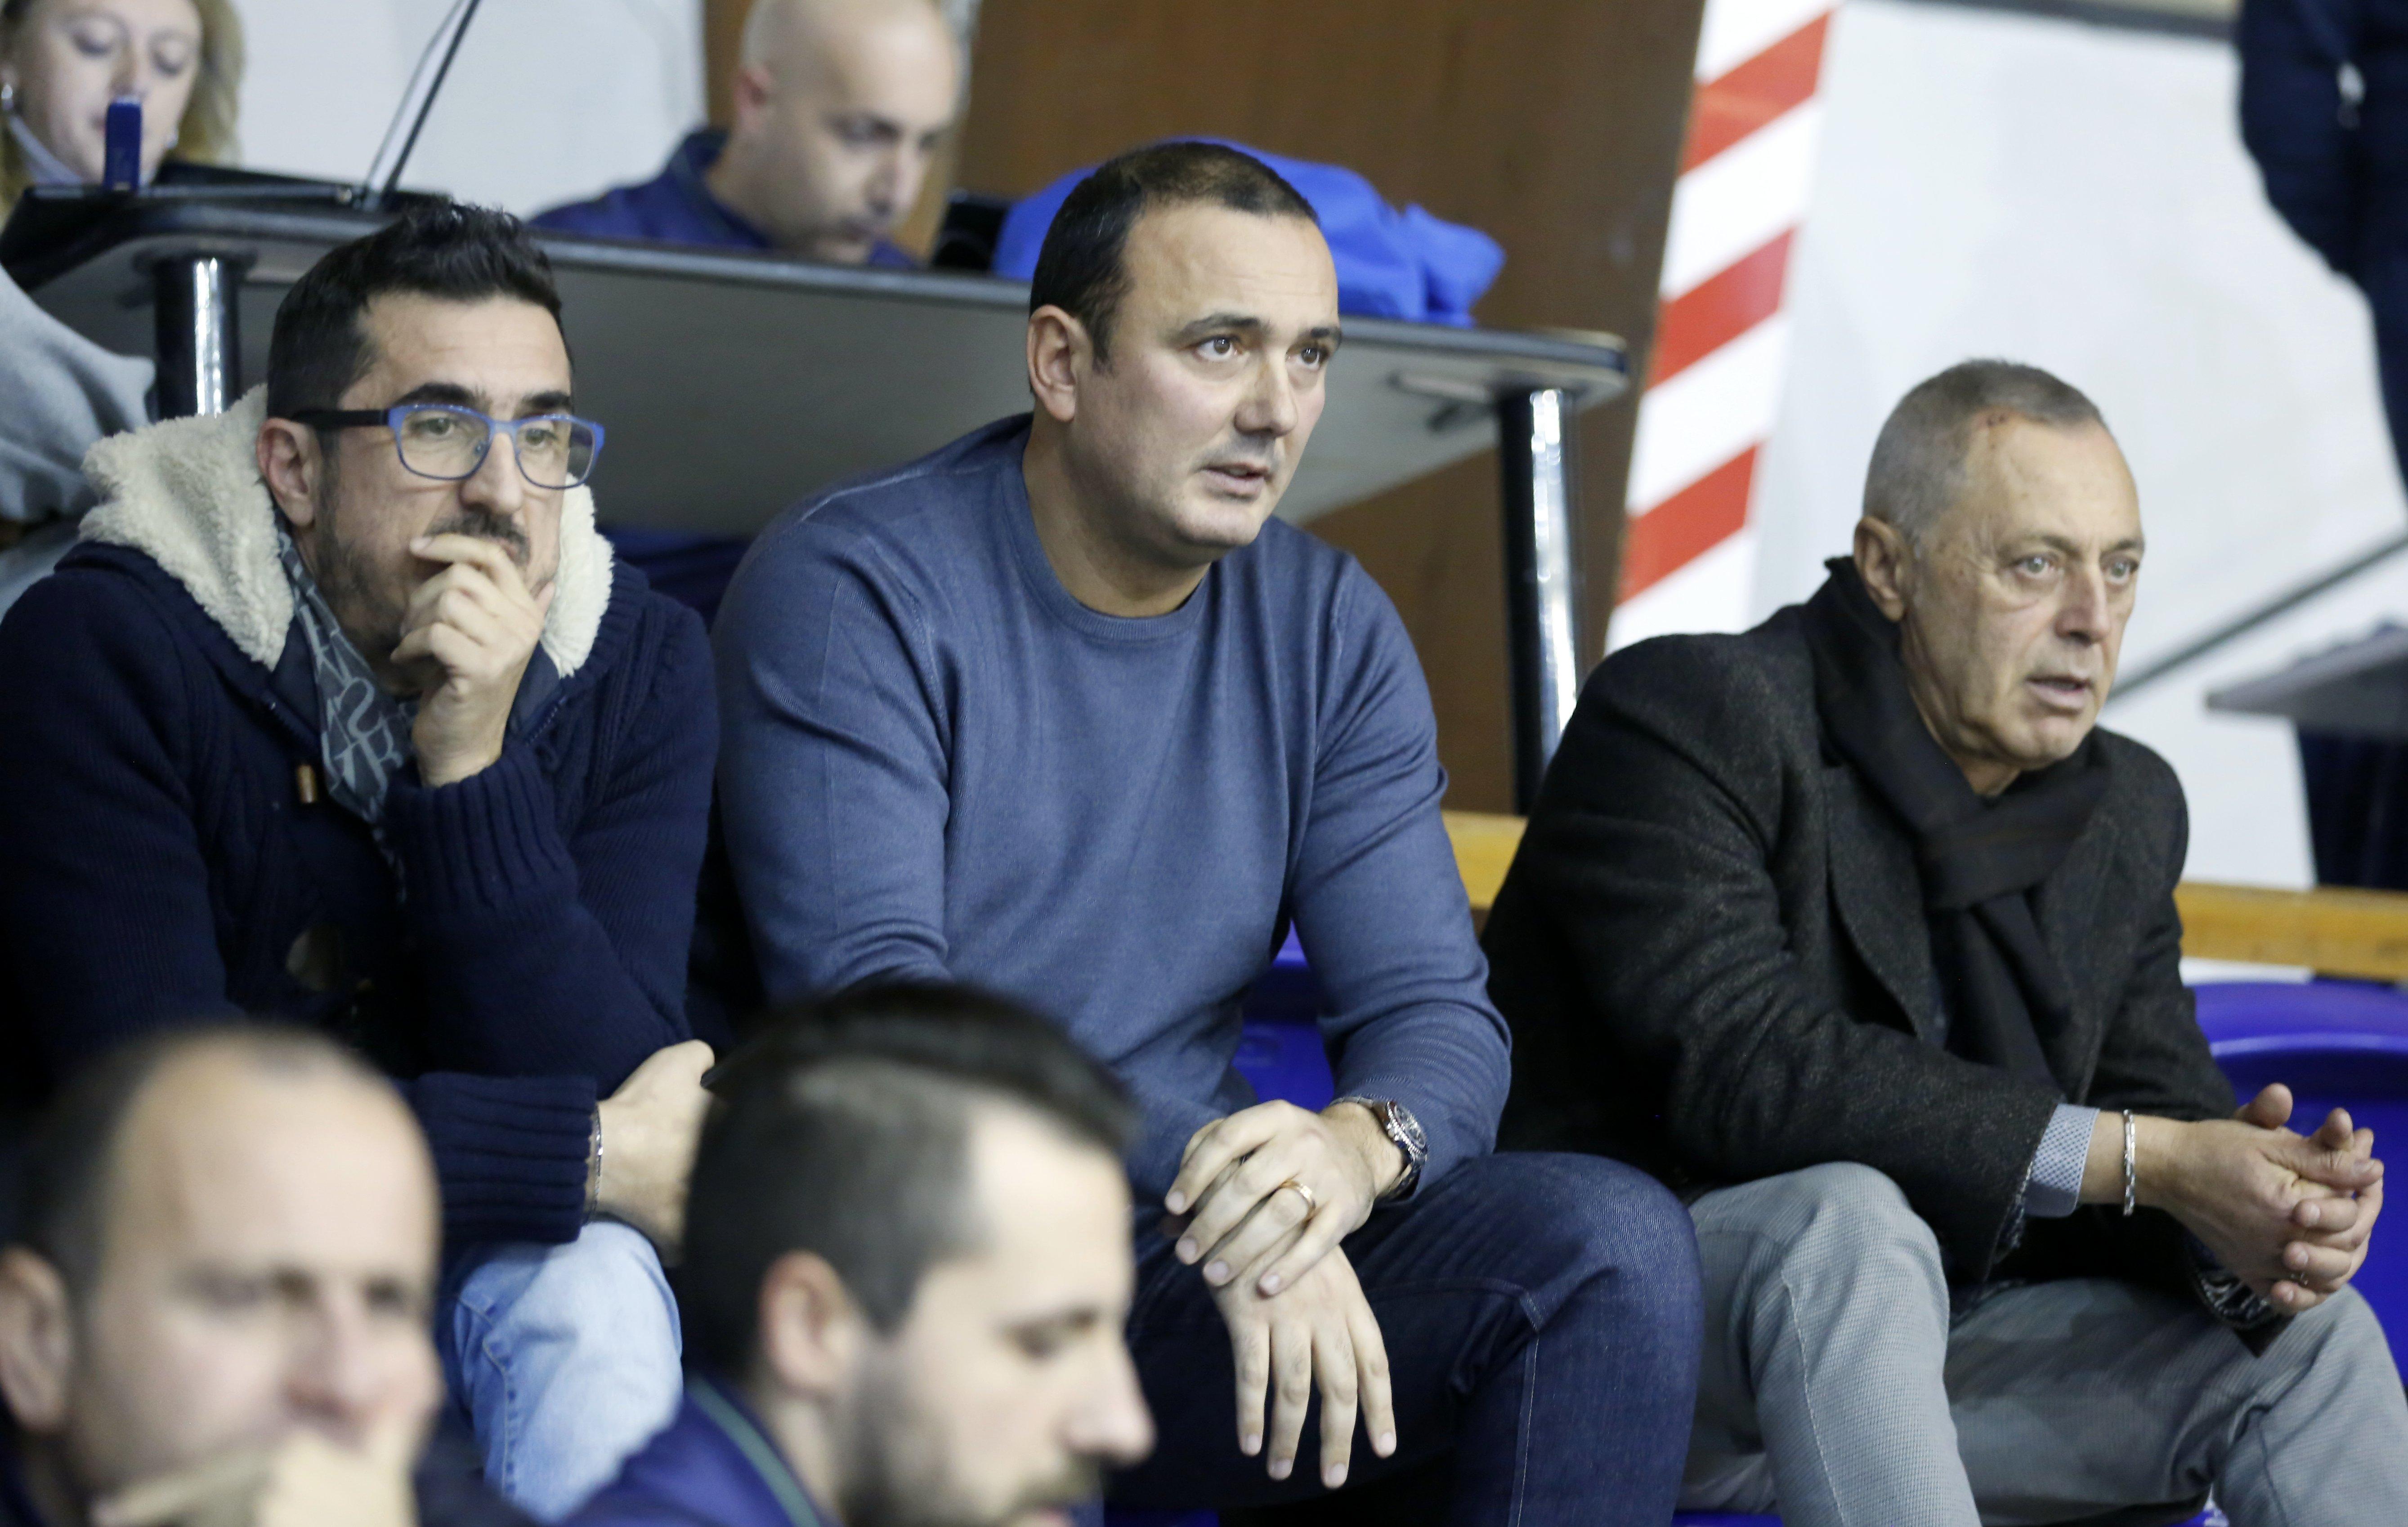 Calcio a 5. AcquaeSapone Unigross. No al mercato: il Presidente Barbarossa smentisce i rumors